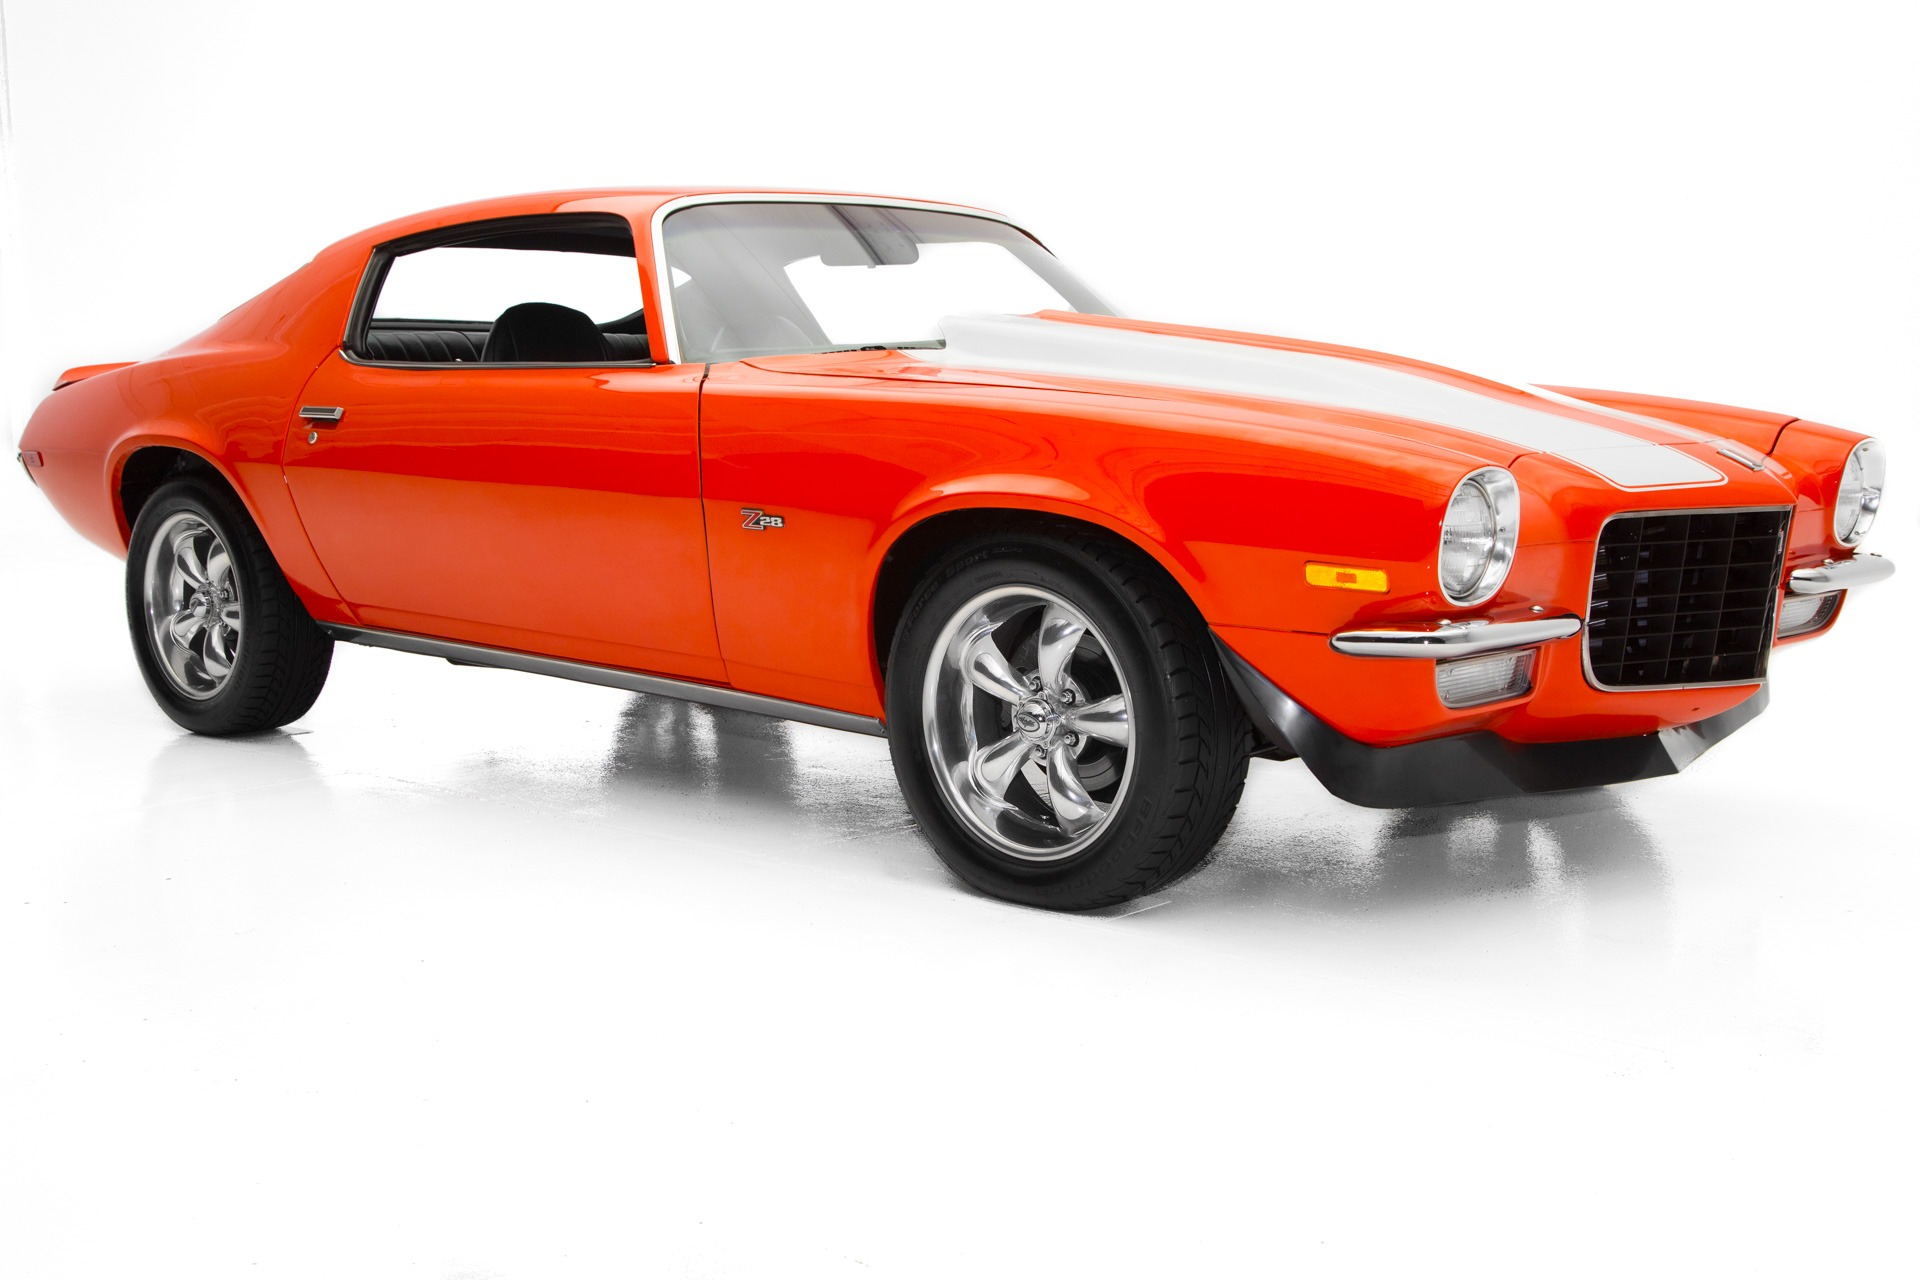 Photo 1972 Chevrolet Camaro Orange 502502 Pro-tour